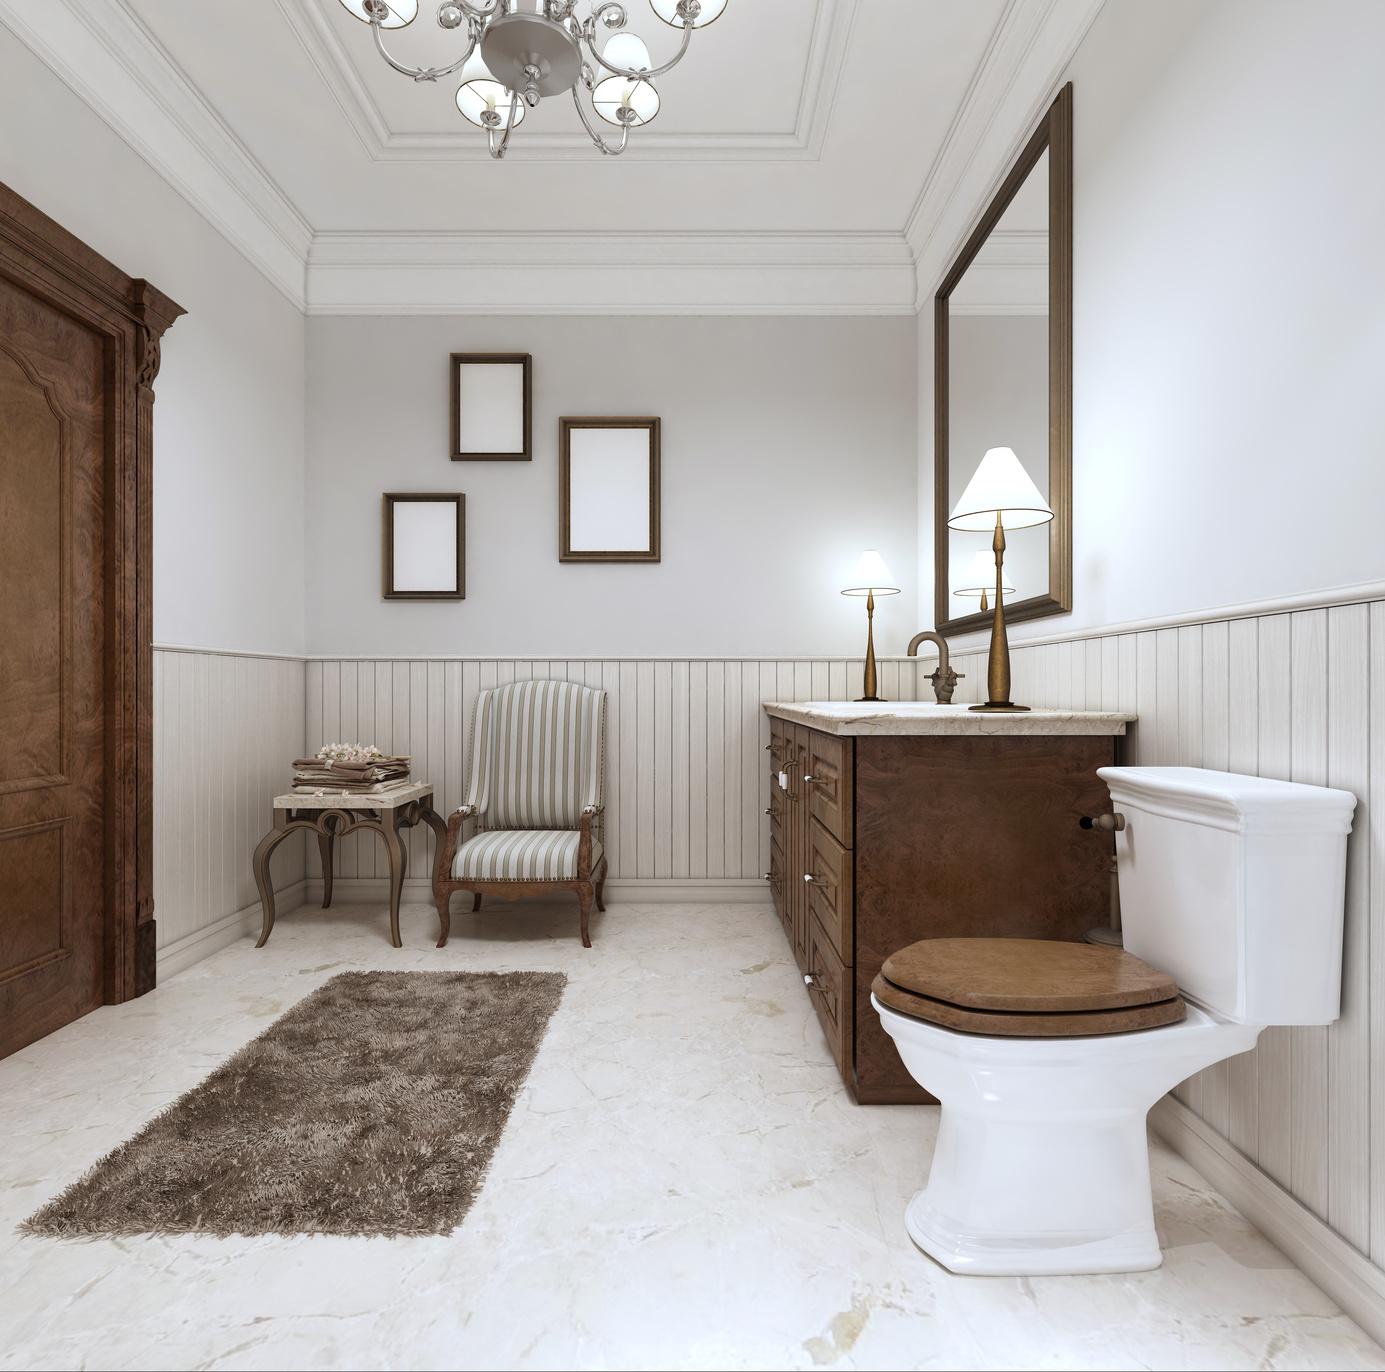 Master Bathroom Design Ideas Urządzamy łazienkę W Stylu Angielskim Galeria Aranżacji